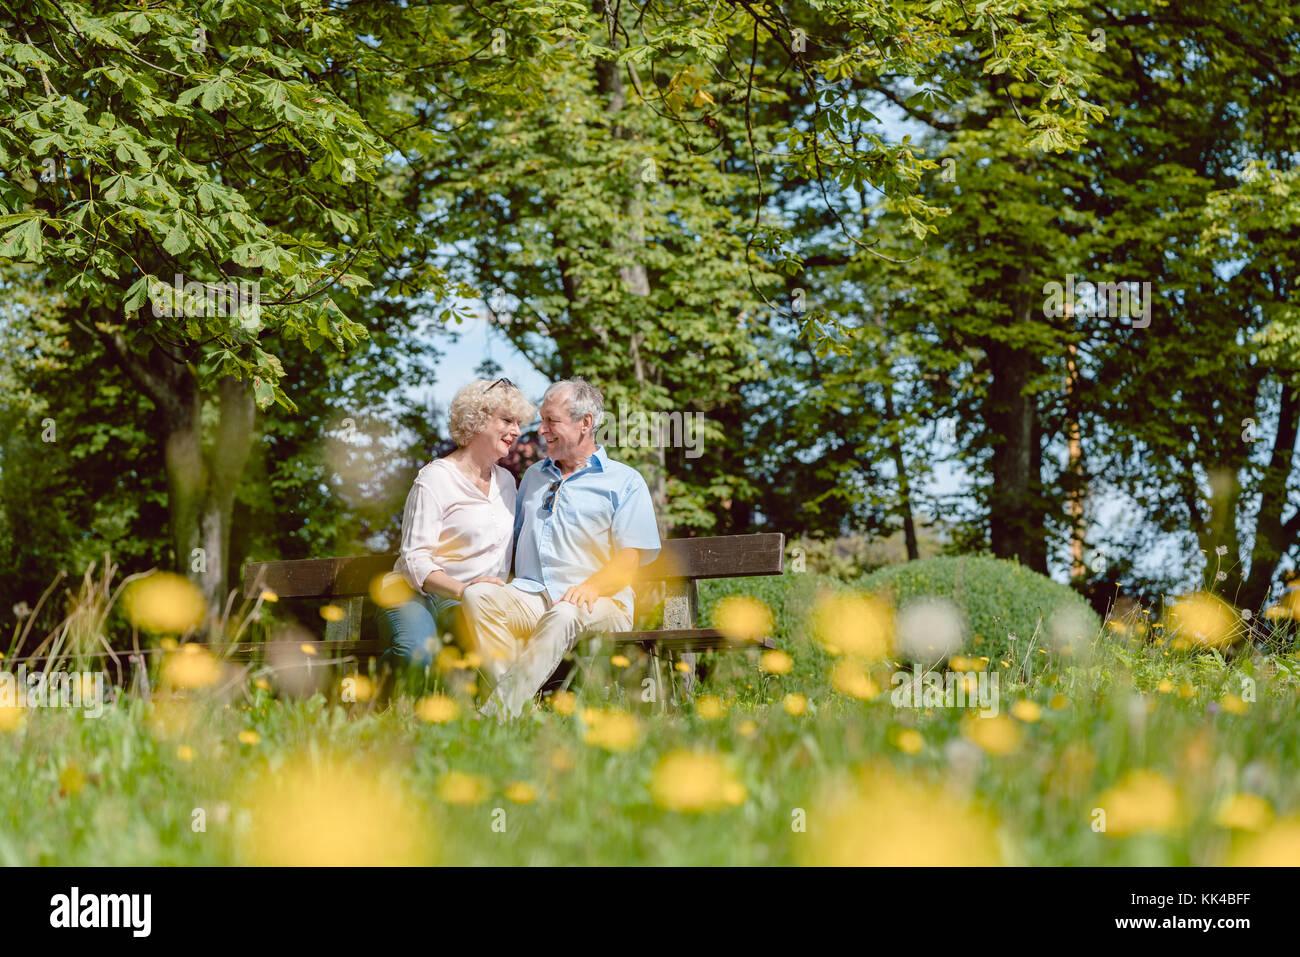 Romantische senior Paar in Liebe dating im Freien in einem idyllischen Par Stockbild